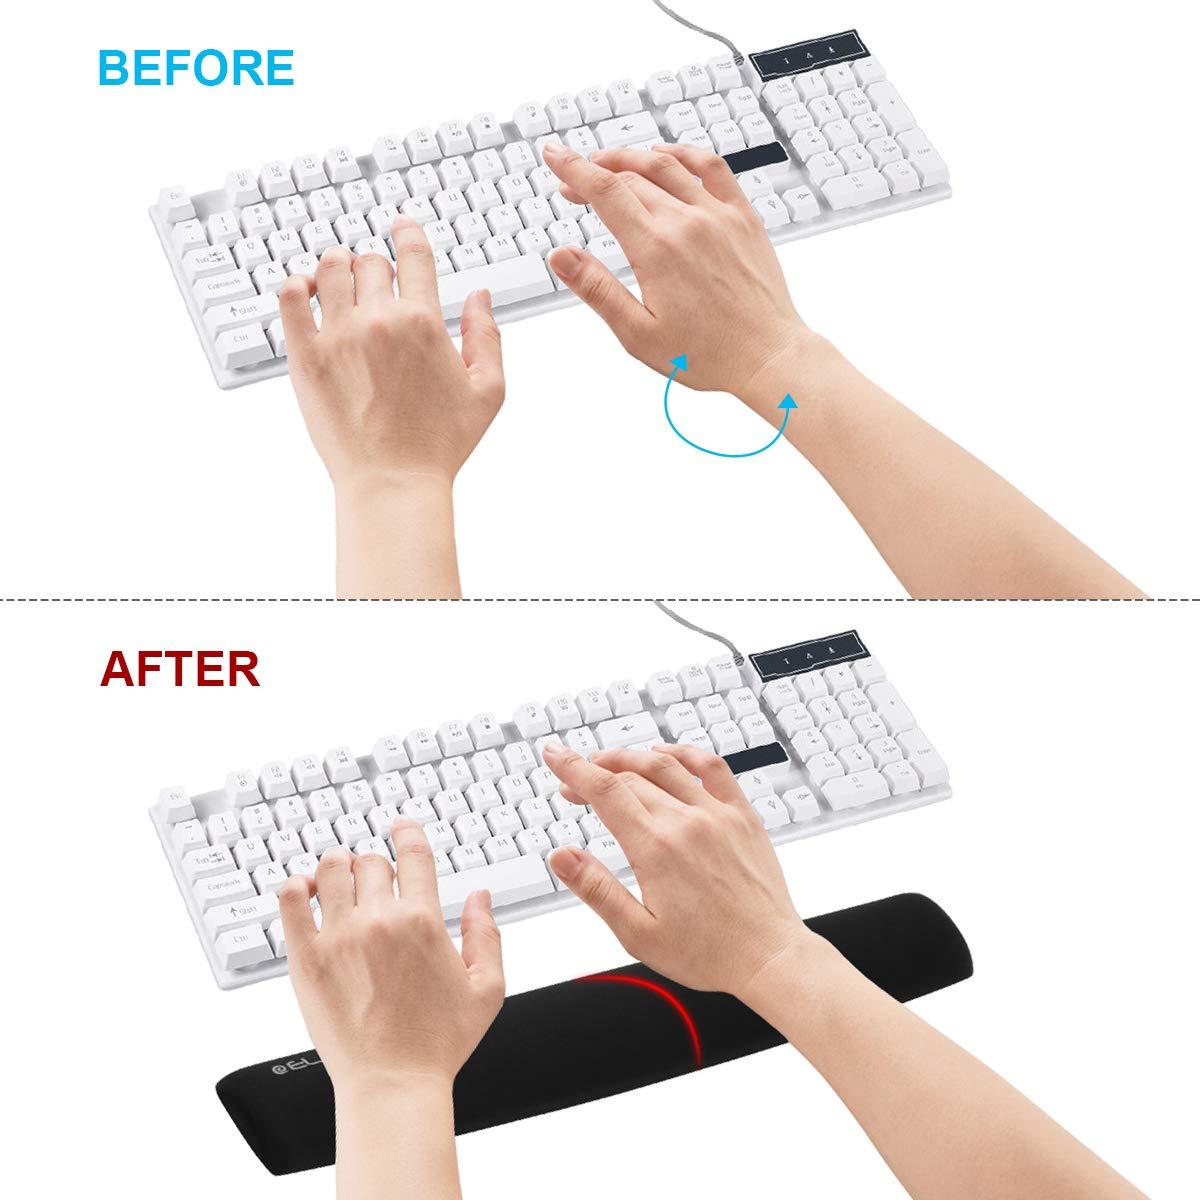 Schwarz Gelf/üllung ELZO Crystals Gel-Tastatur-Handballenauflage Mauspad und Tastatur Handgelenkst/ütze Set Textile Oberfl/äche